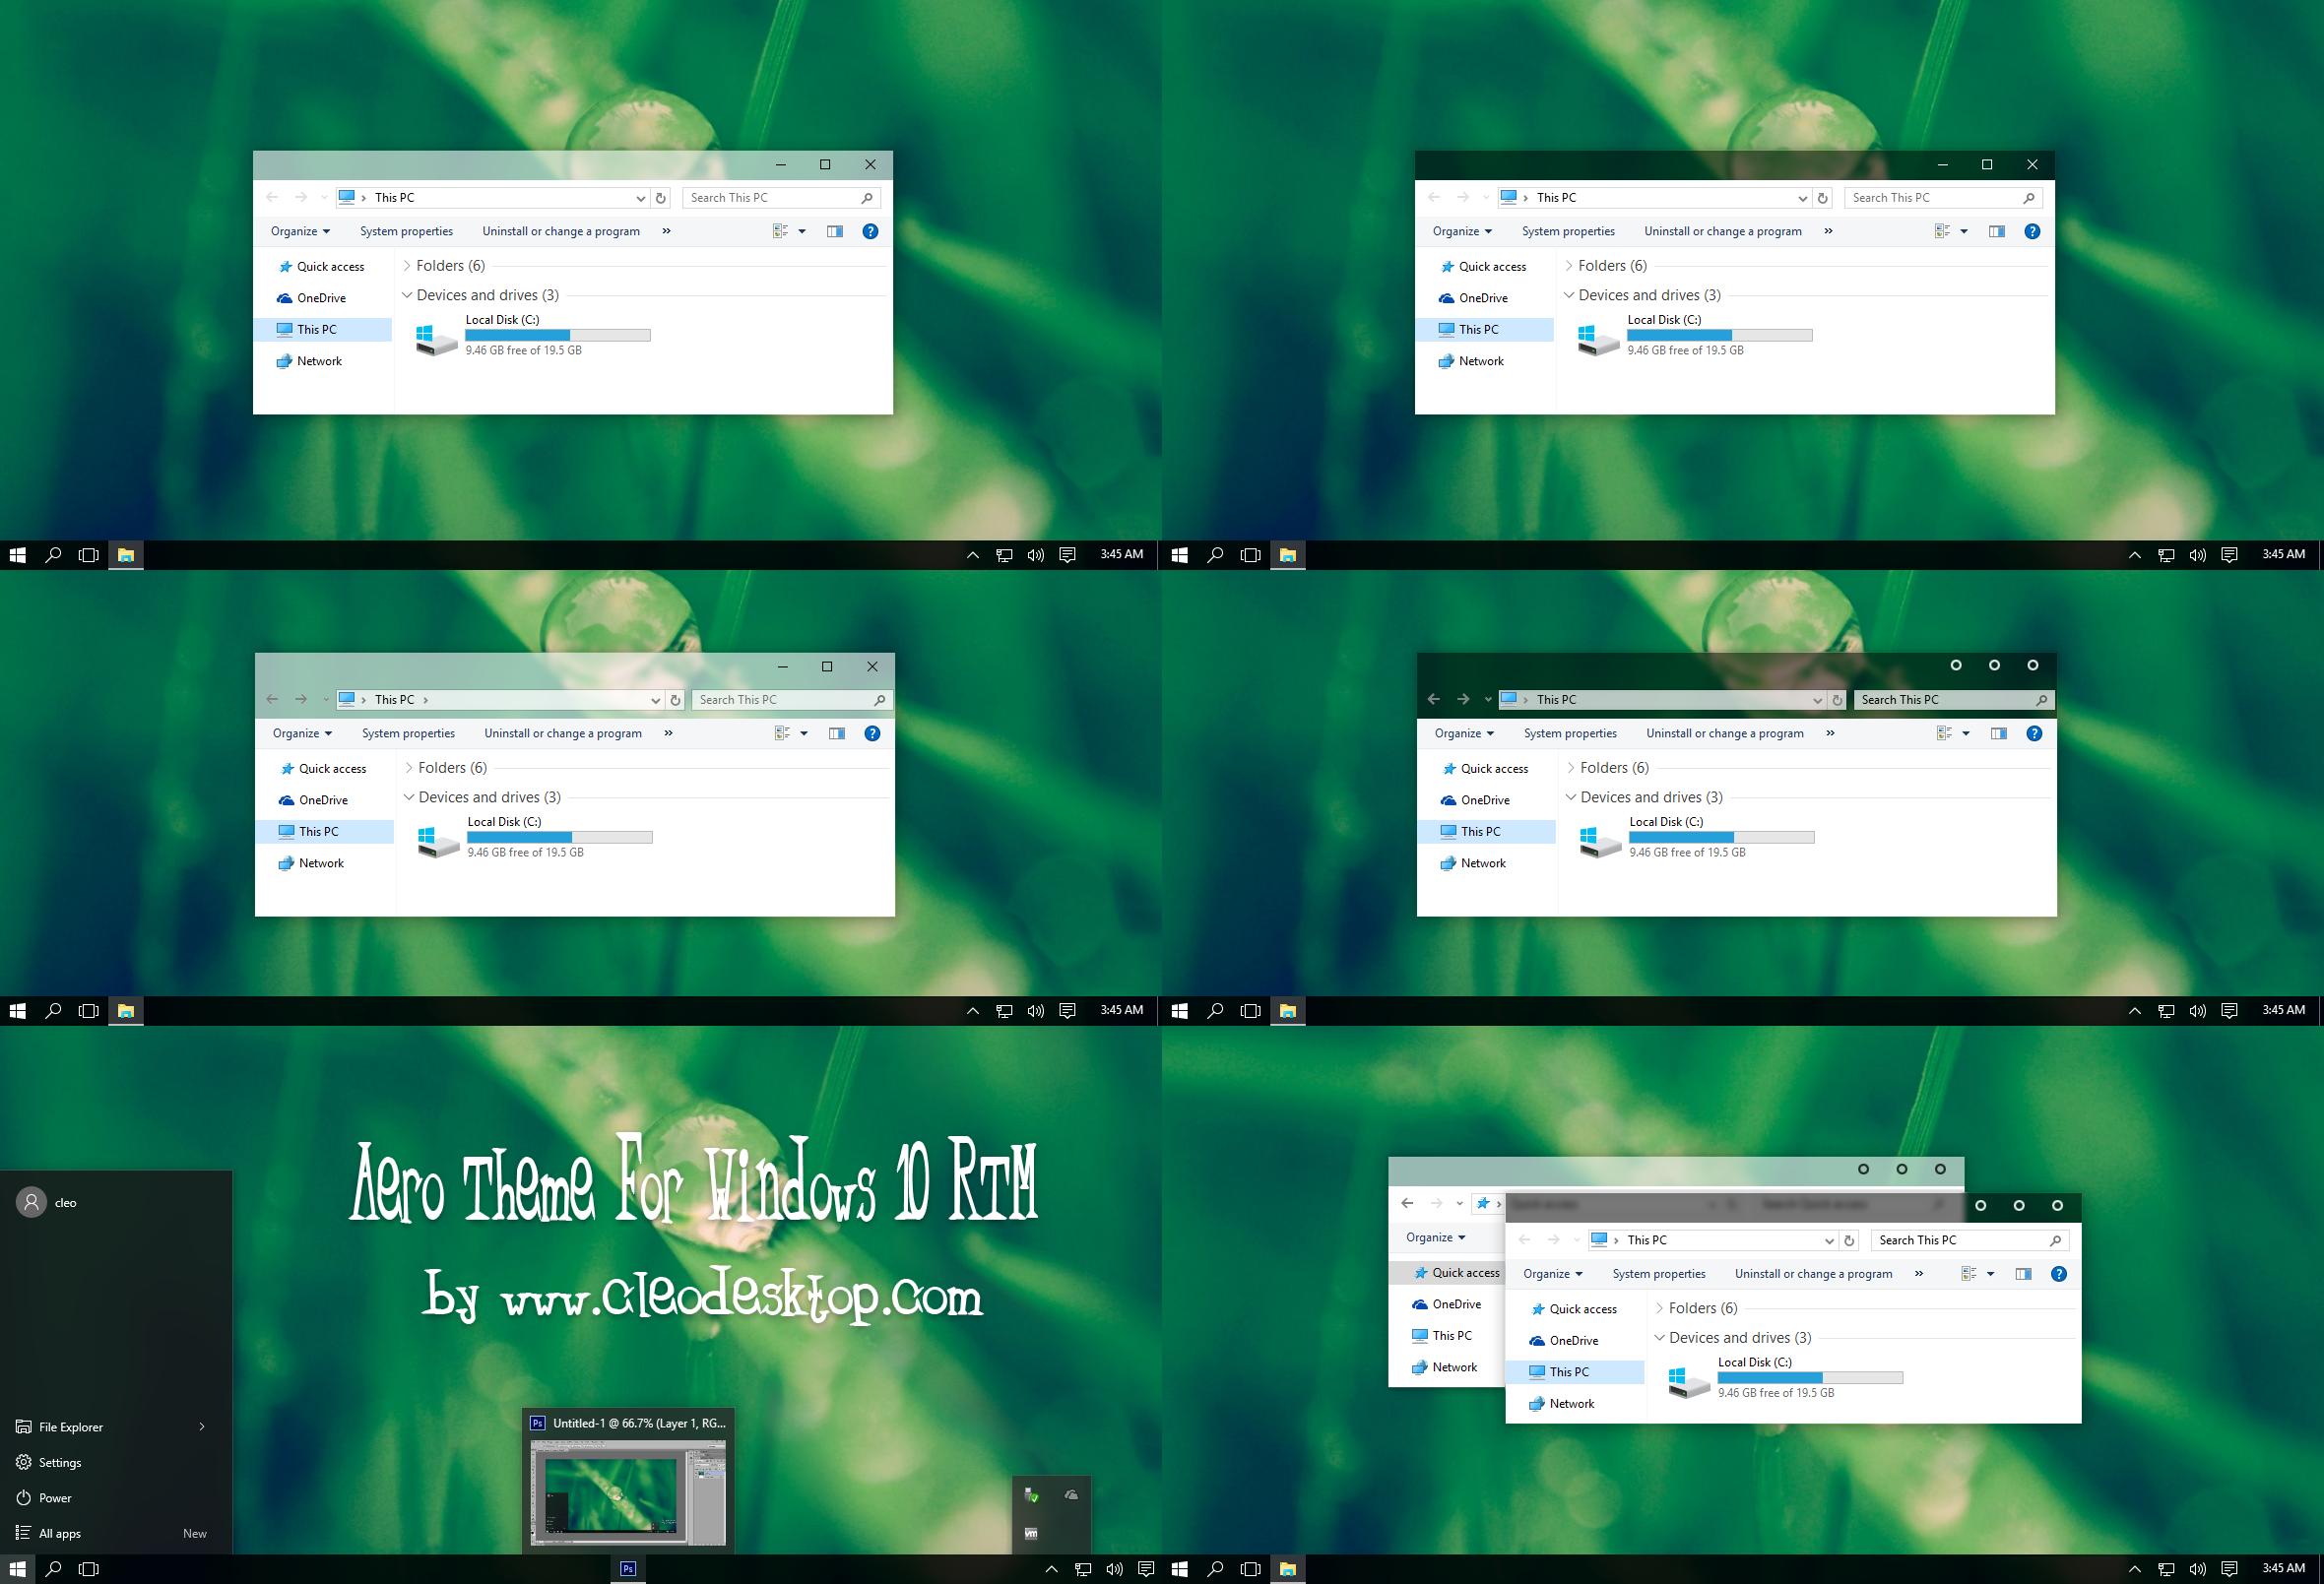 Google themes xp - Aero Theme For Windows 10 Rtm By Cleodesktop